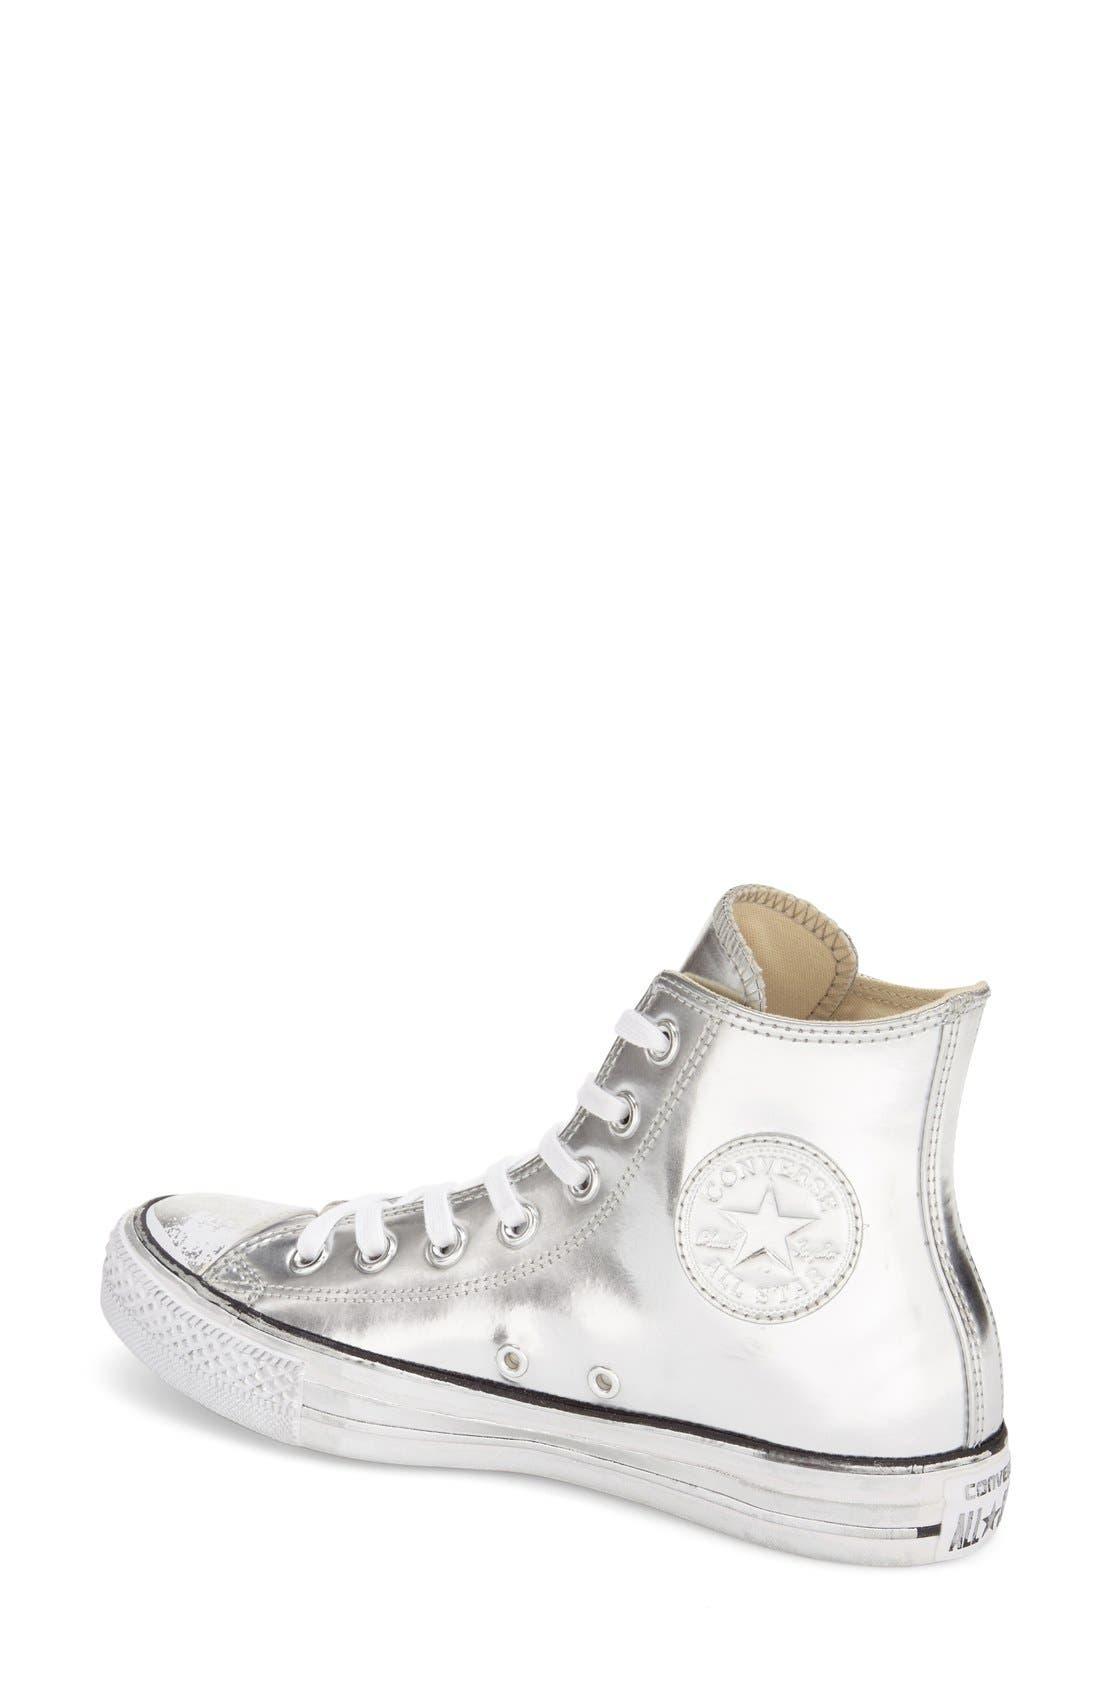 Alternate Image 2  - Converse Chuck Taylor® All Star® 'Metallic' High Top Sneaker (Women)